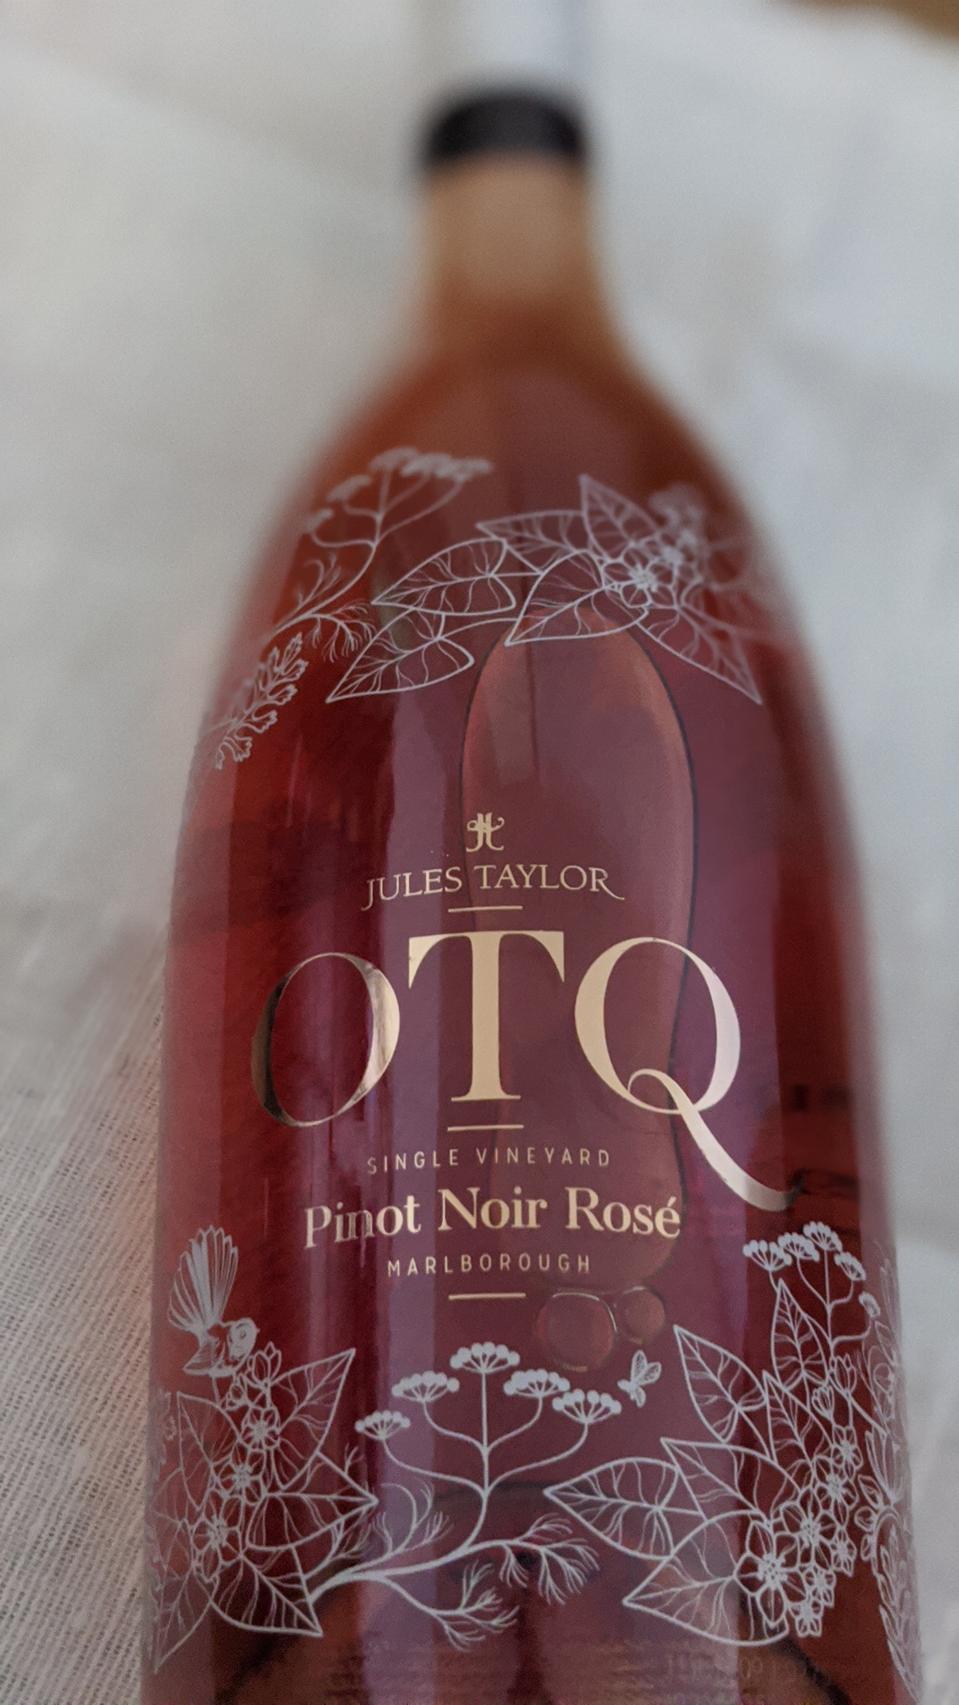 2019 Jules Taylor OTQ Pinot Noir Rosé 'Branken Hill Vineyard'